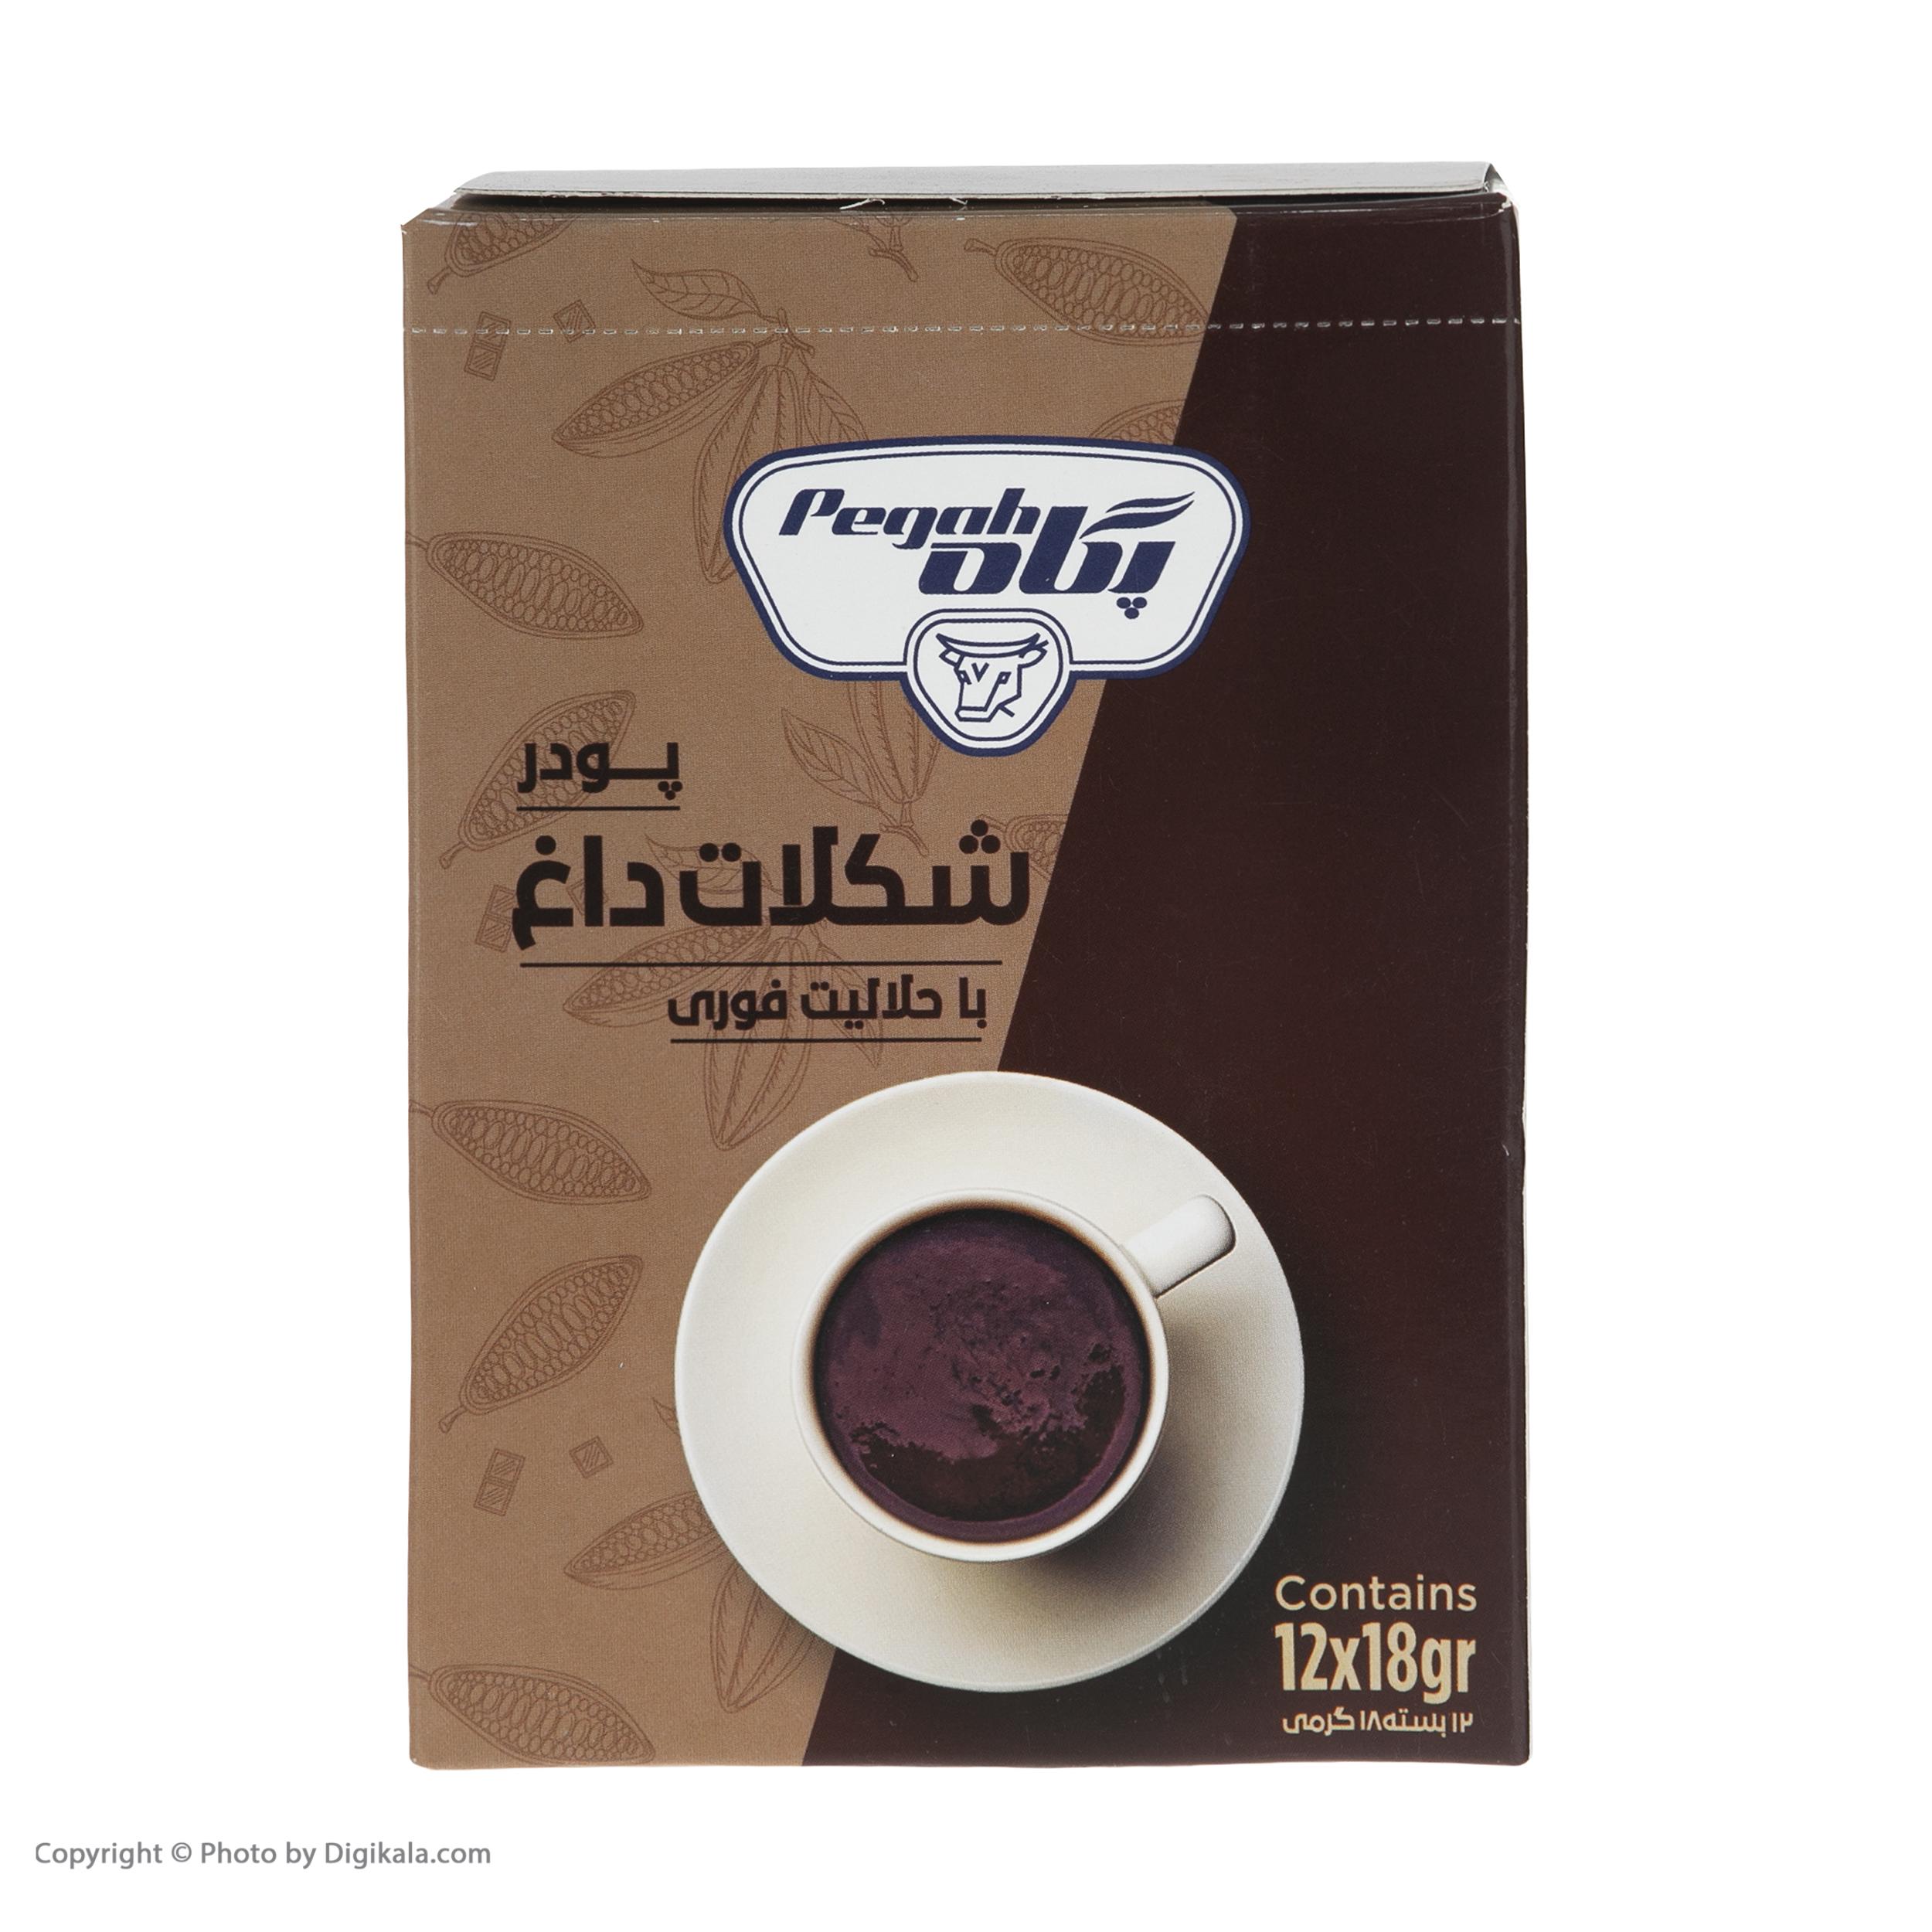 پودر شکلات داغ پگاه - بسته 12 عددی thumb 2 4